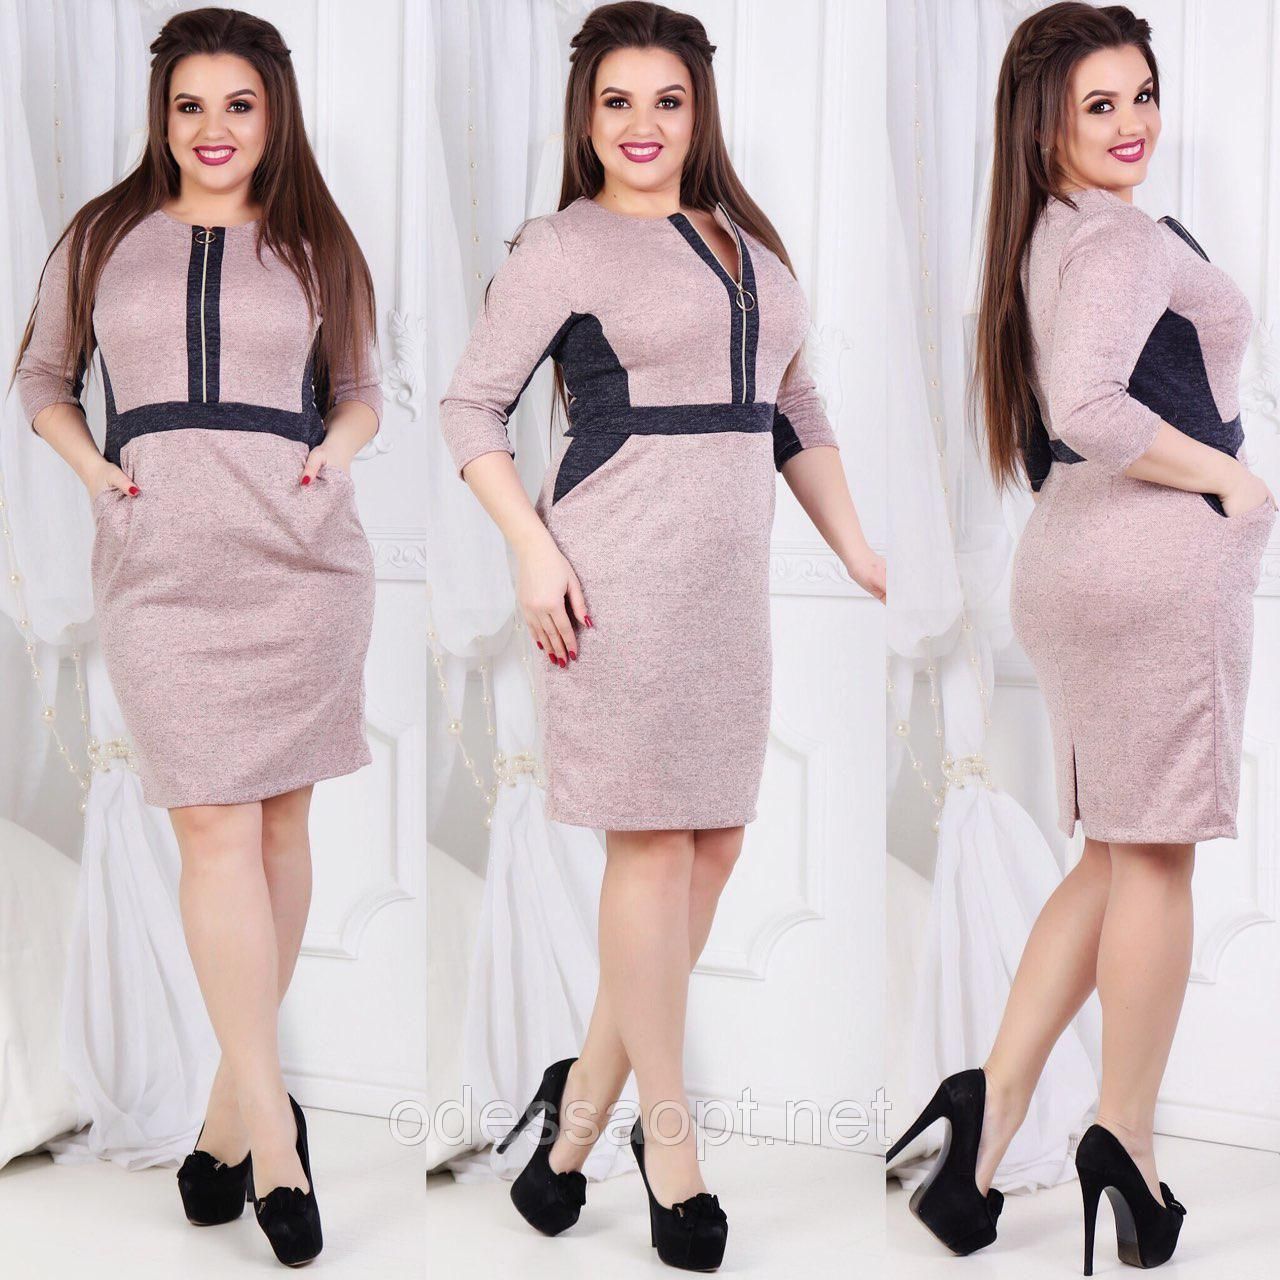 """Модное и элегантное женское платье с кармашками ткань """"ангора"""" 50, 52 размер батал"""